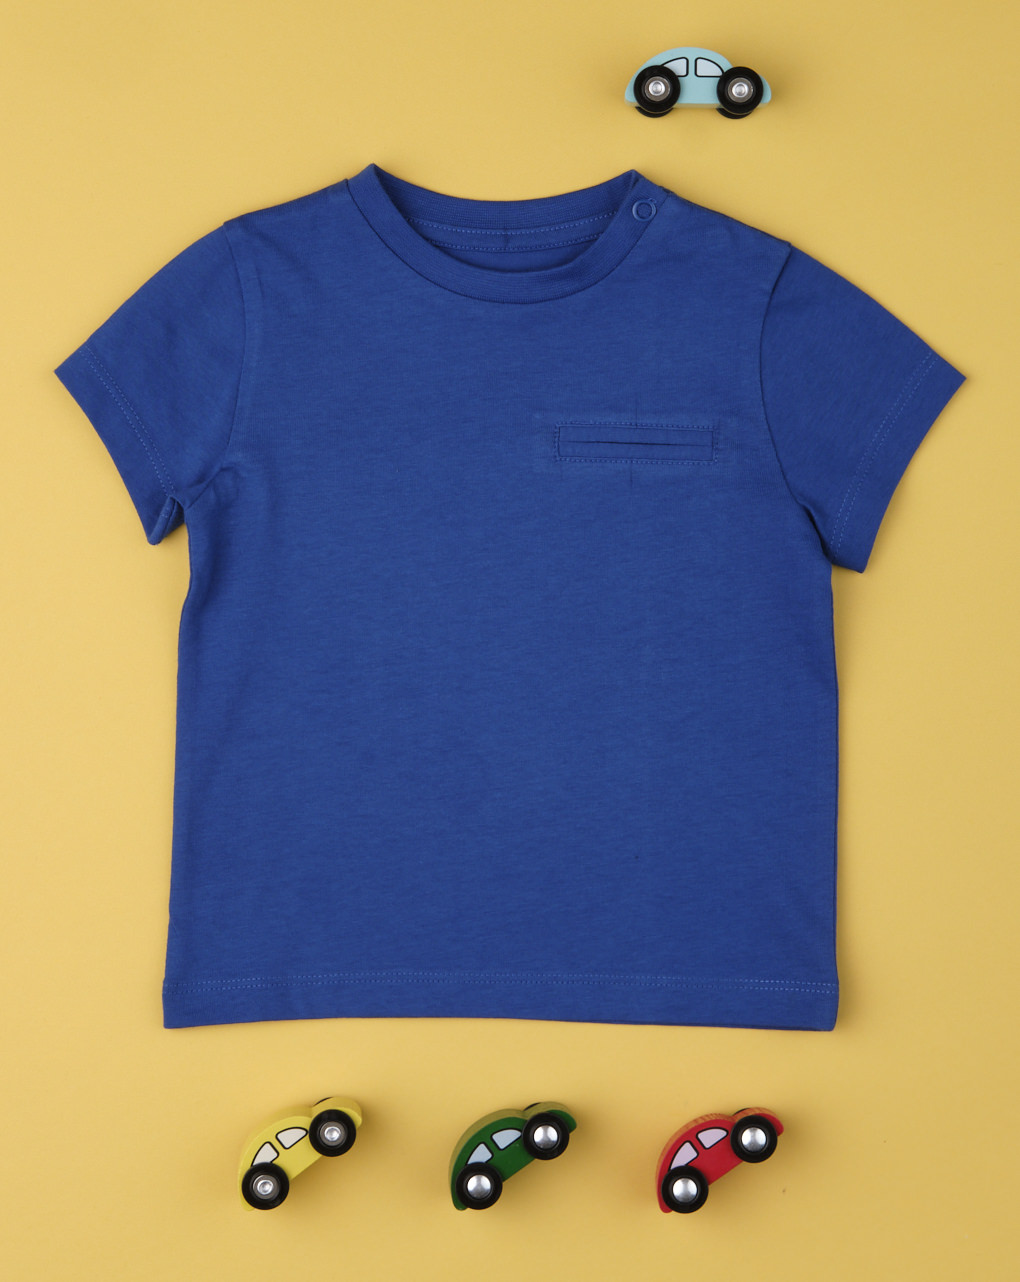 T-shirt Μπλε για Αγόρι